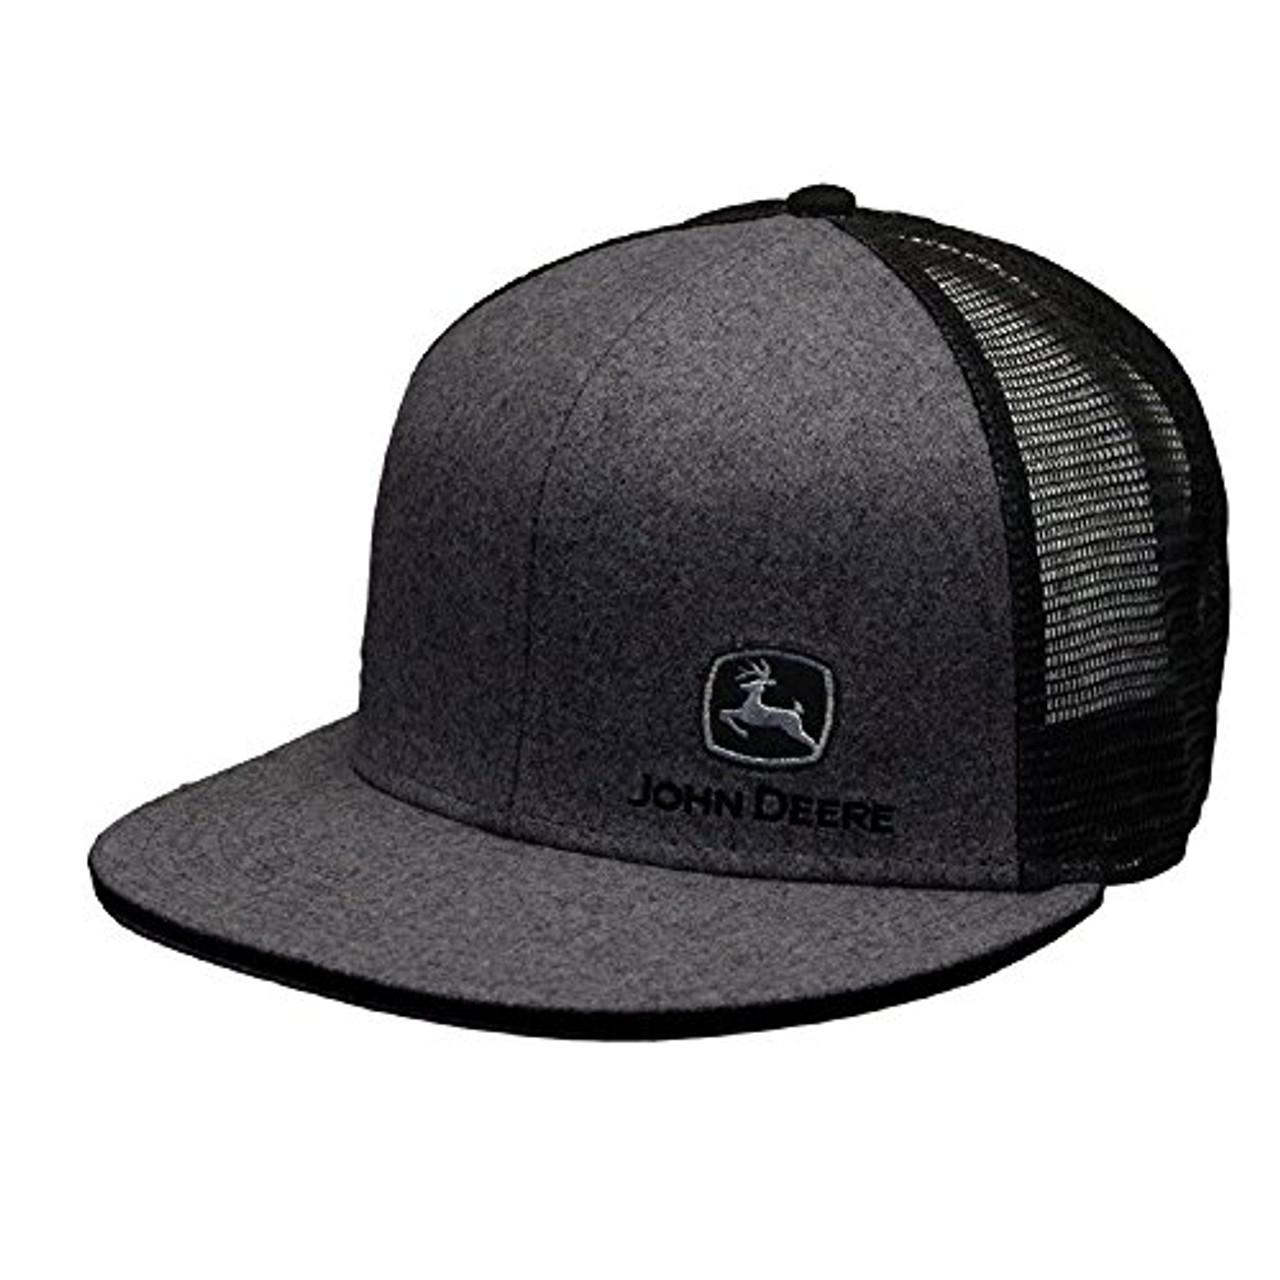 14fbeff0e9e51a John Deere TM Embroidery Adjustable Mesh Snapback Hat - Trenz Shirt Company